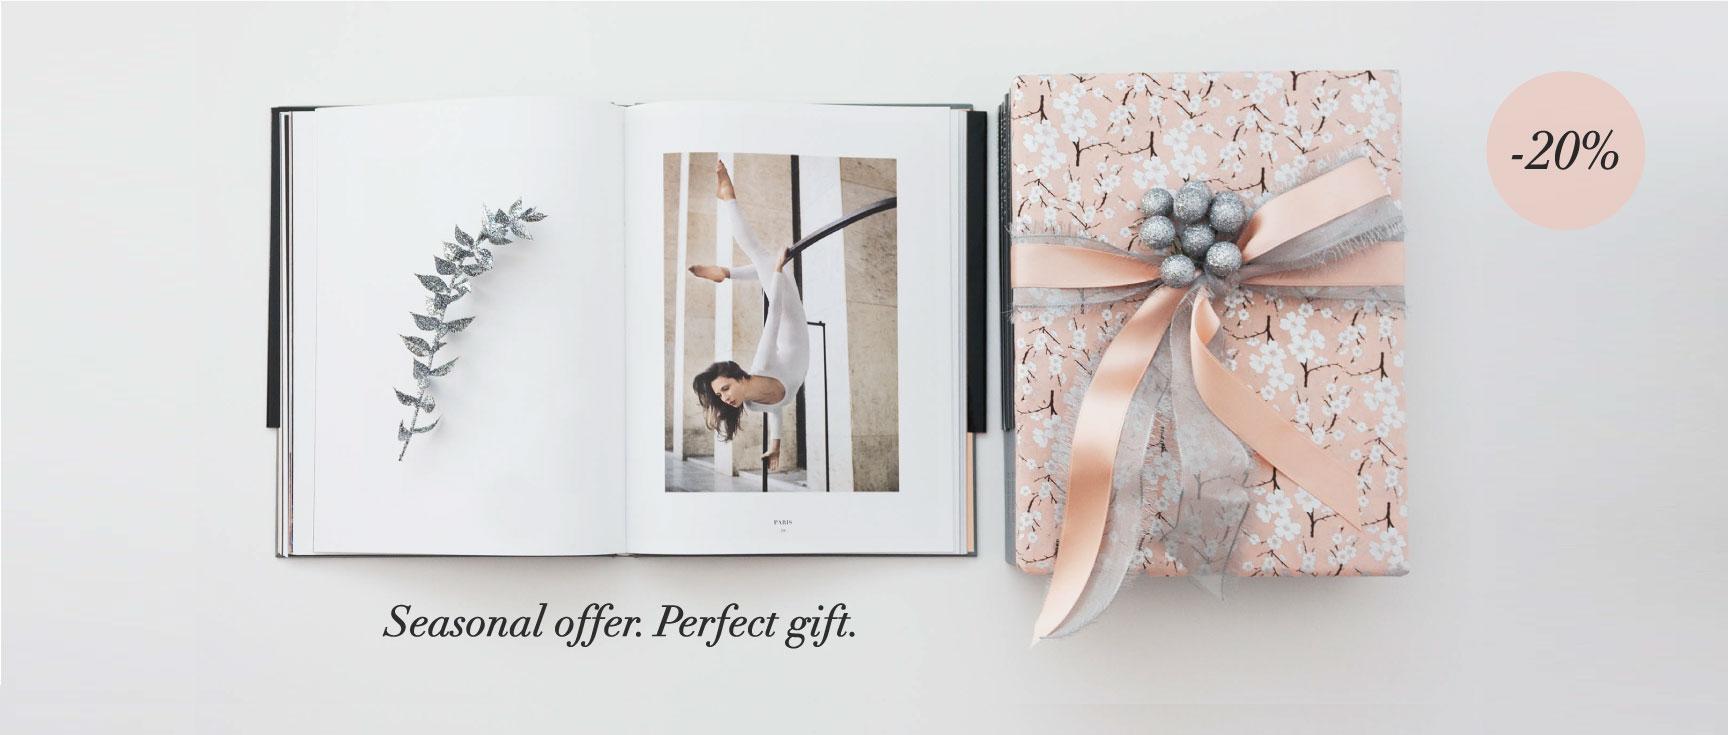 seasonal-offer-16-homepage-3